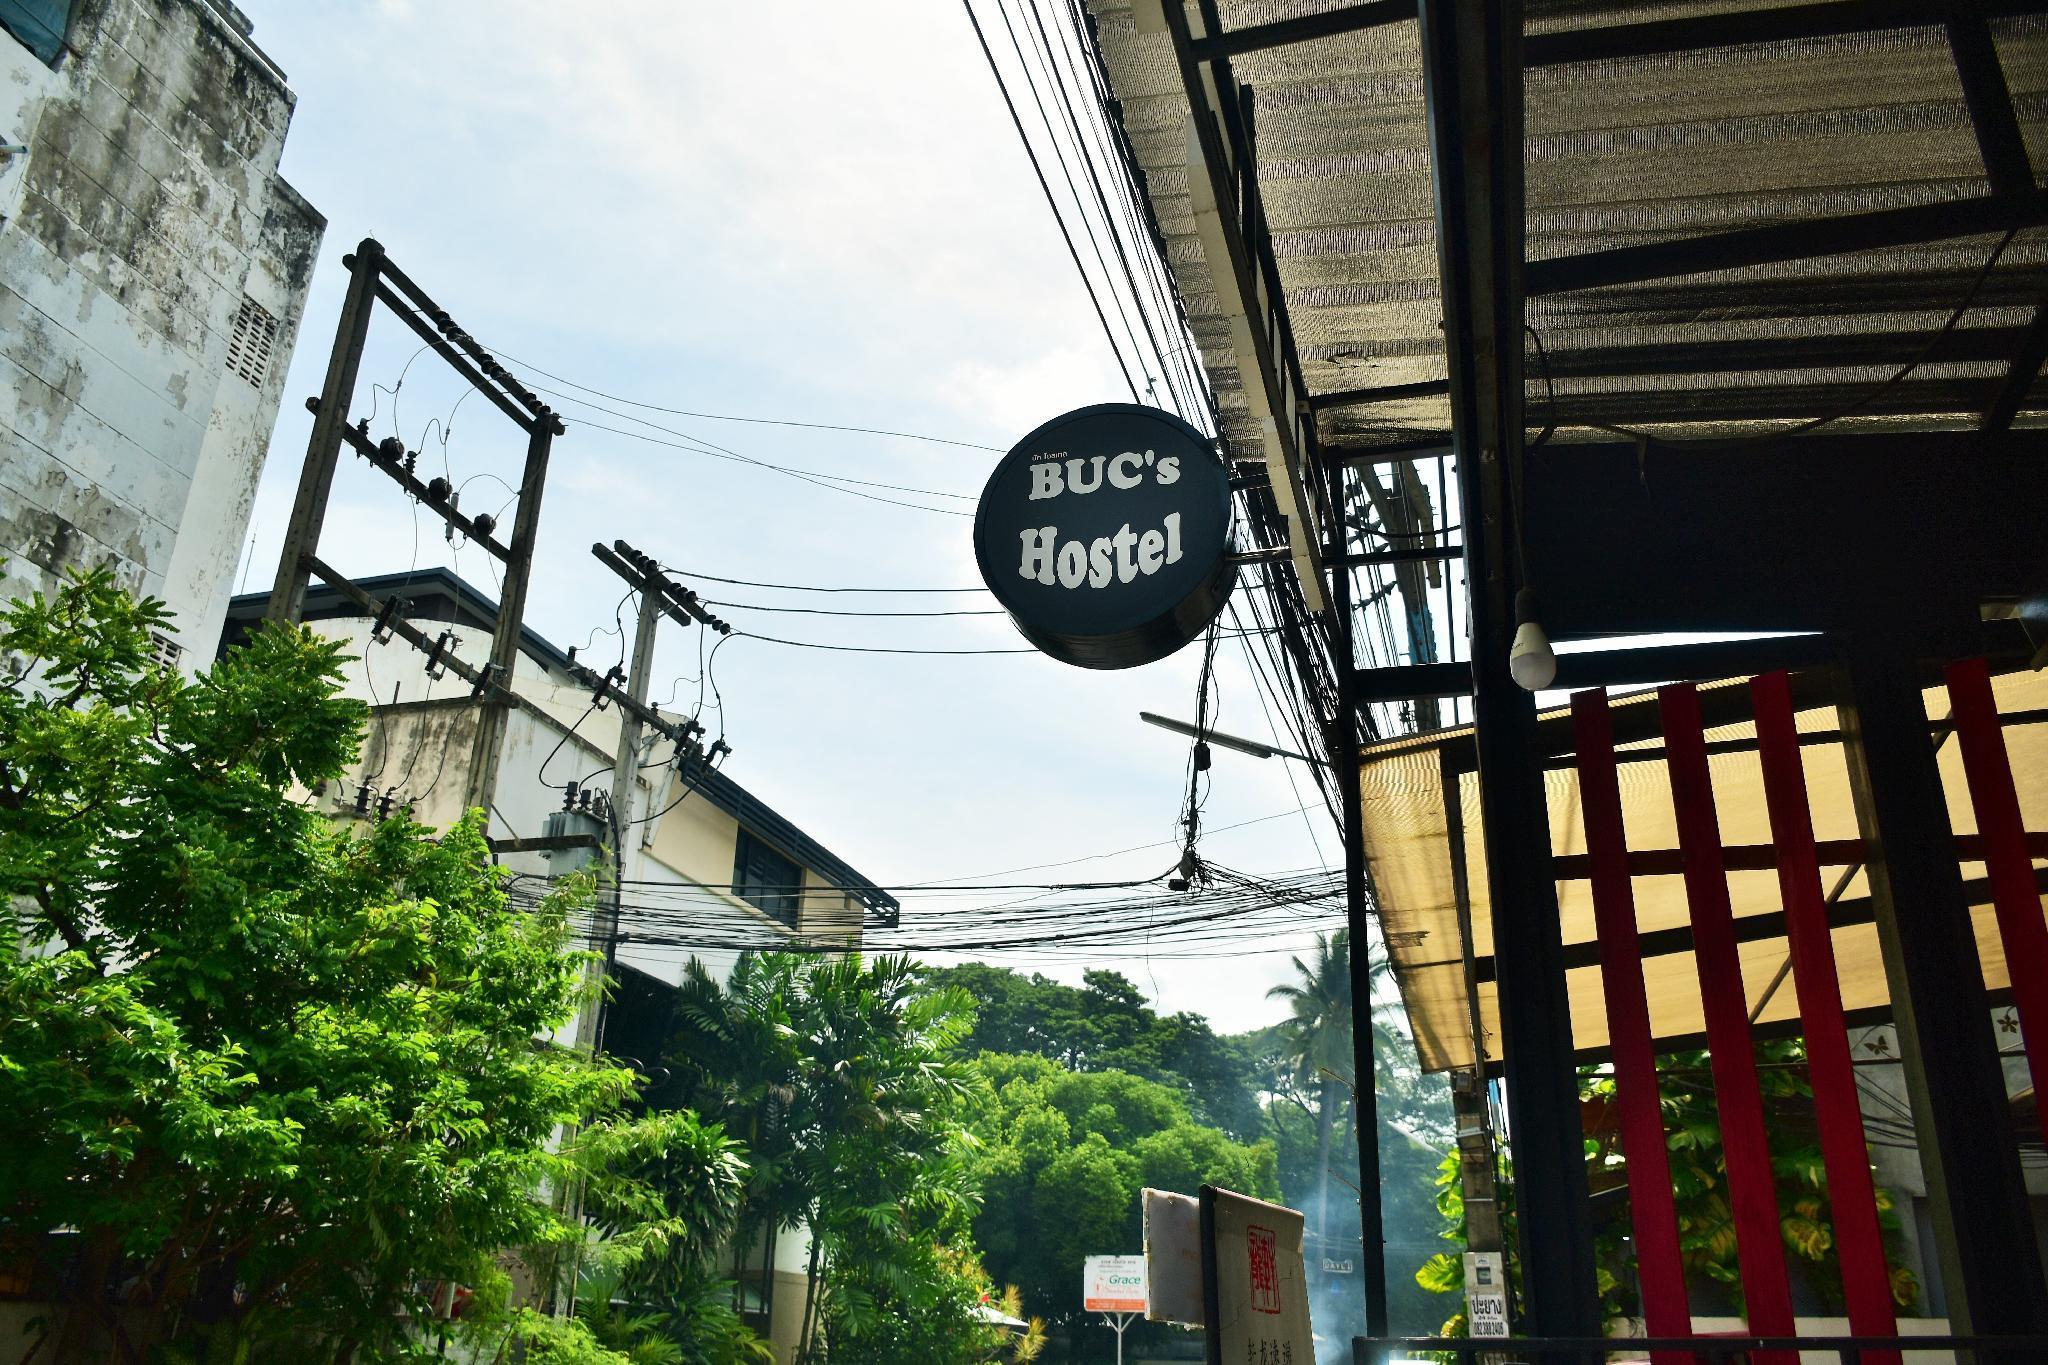 อ่าน บัคส์ โฮสเทล (Buc's Hostel) SALE